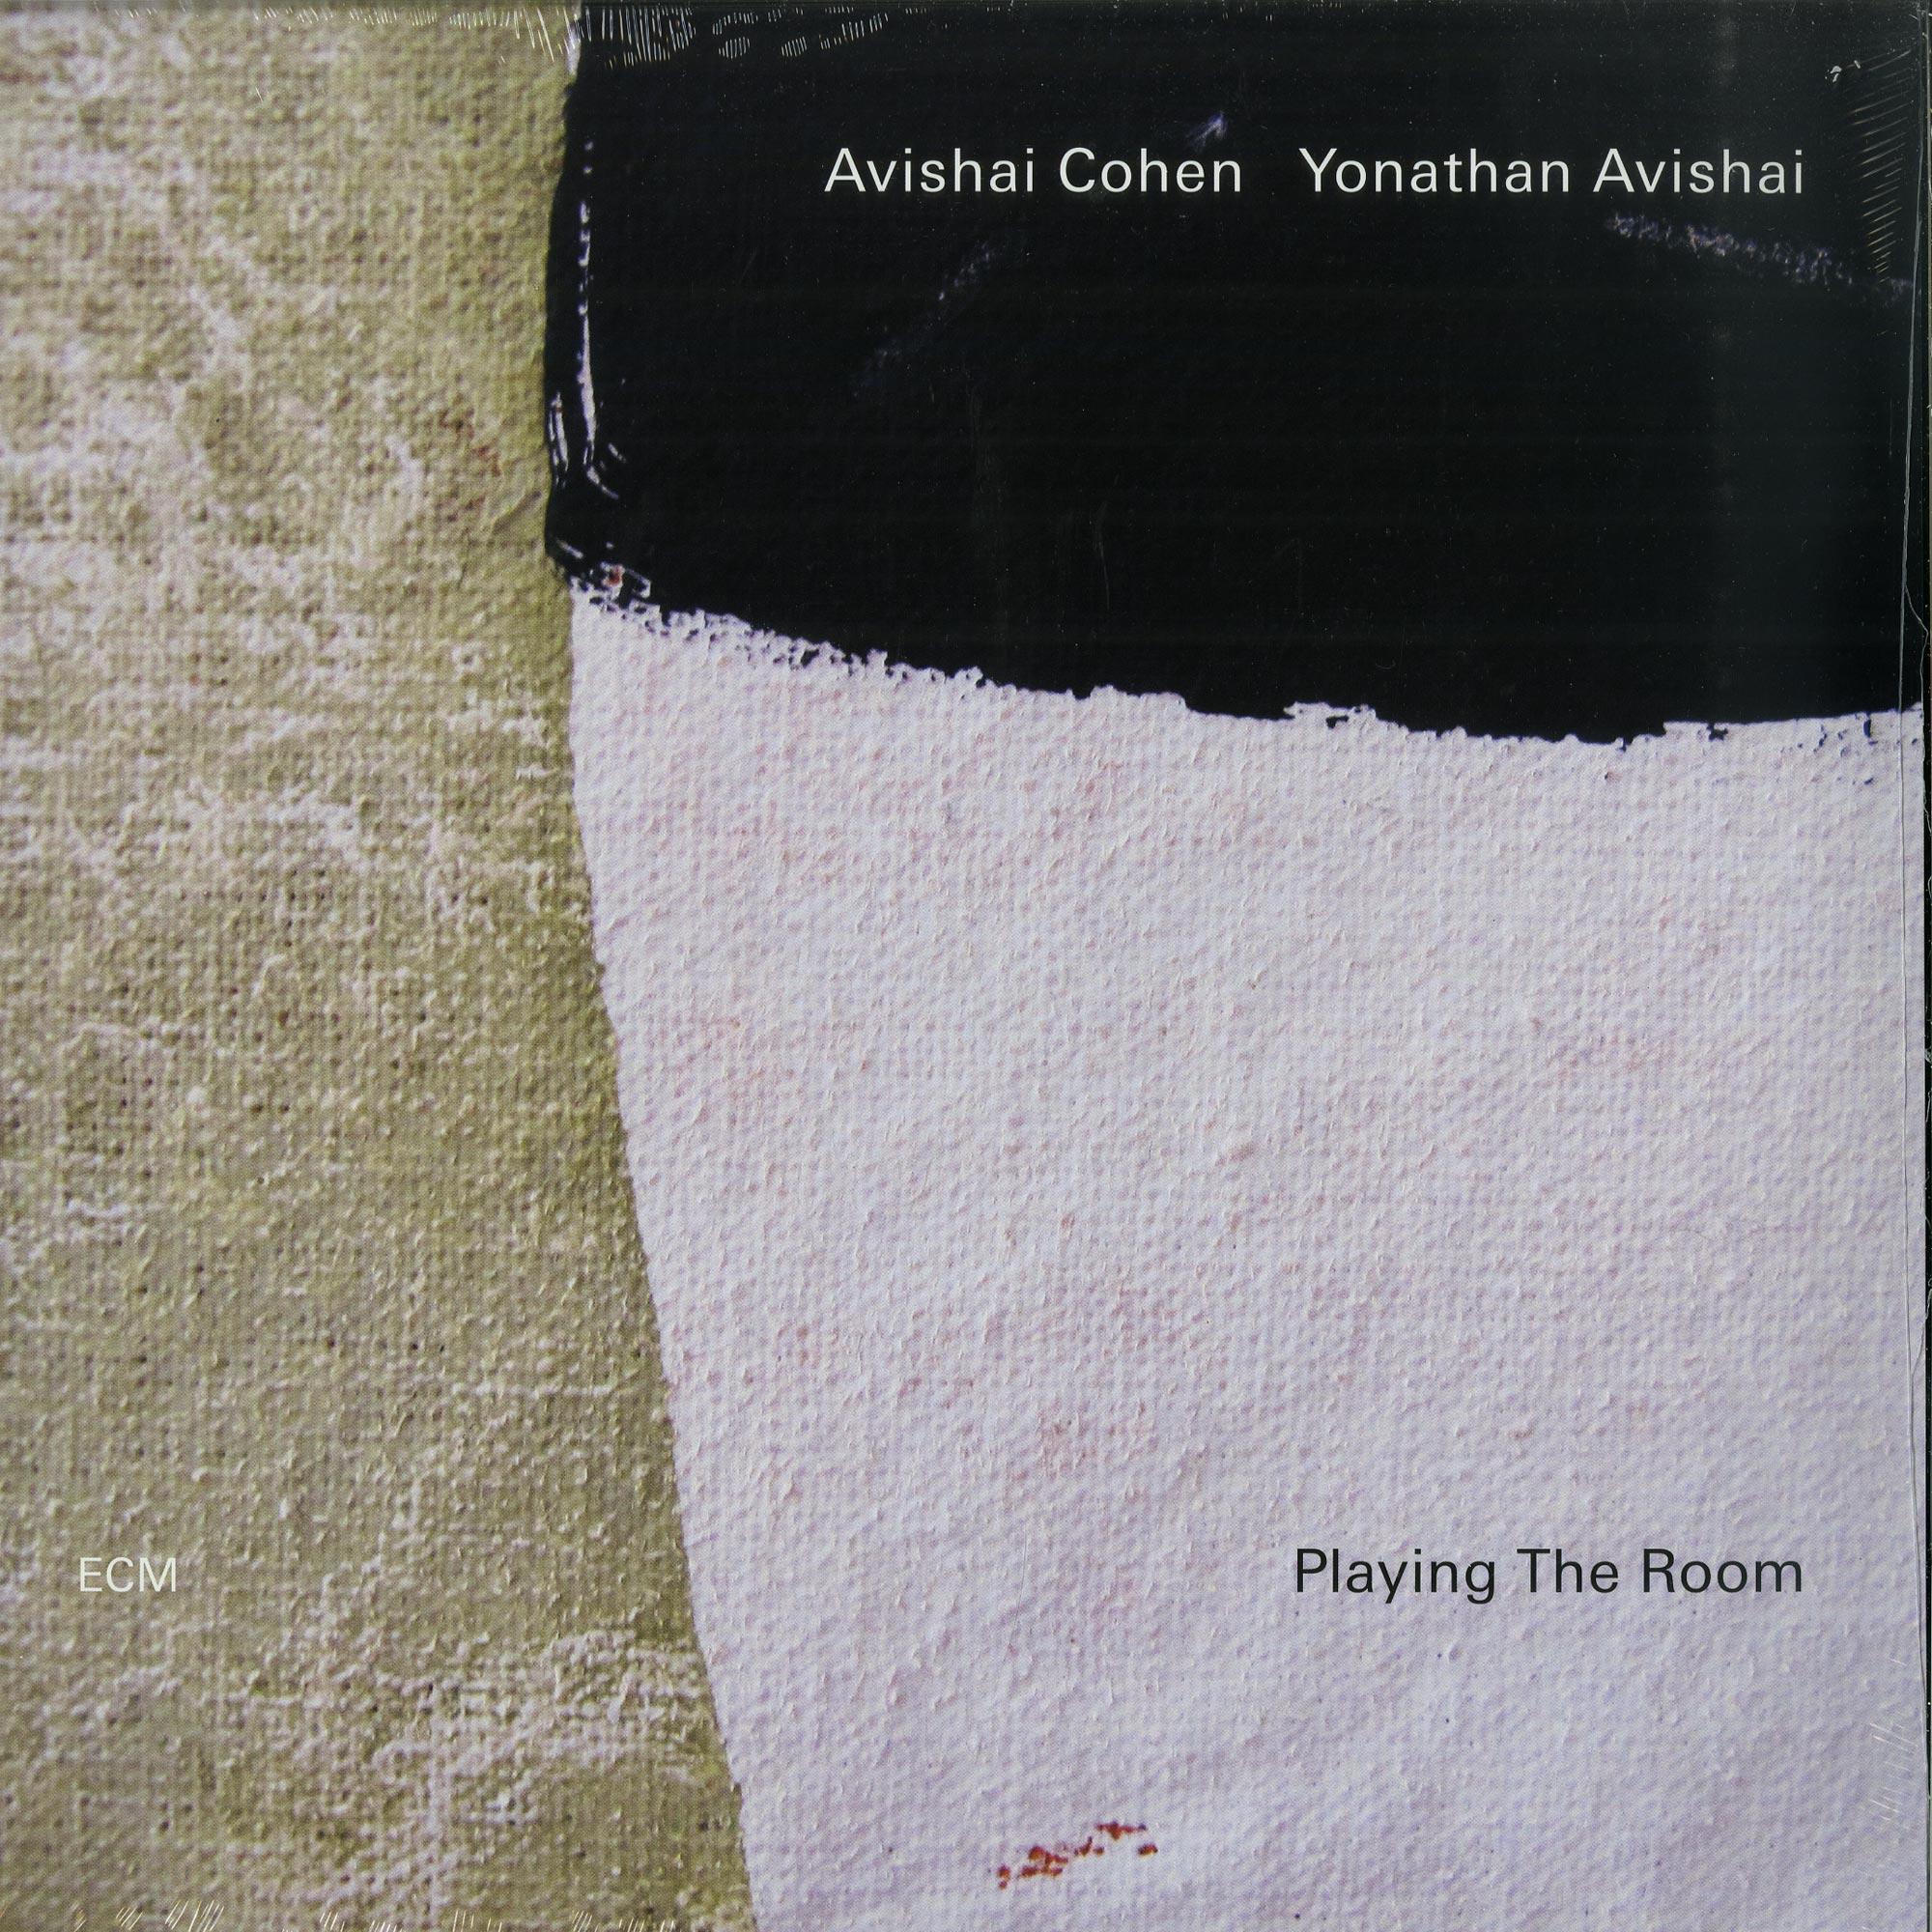 Avishai Cohen & Yonathan Avishai - PLAYING THE ROOM